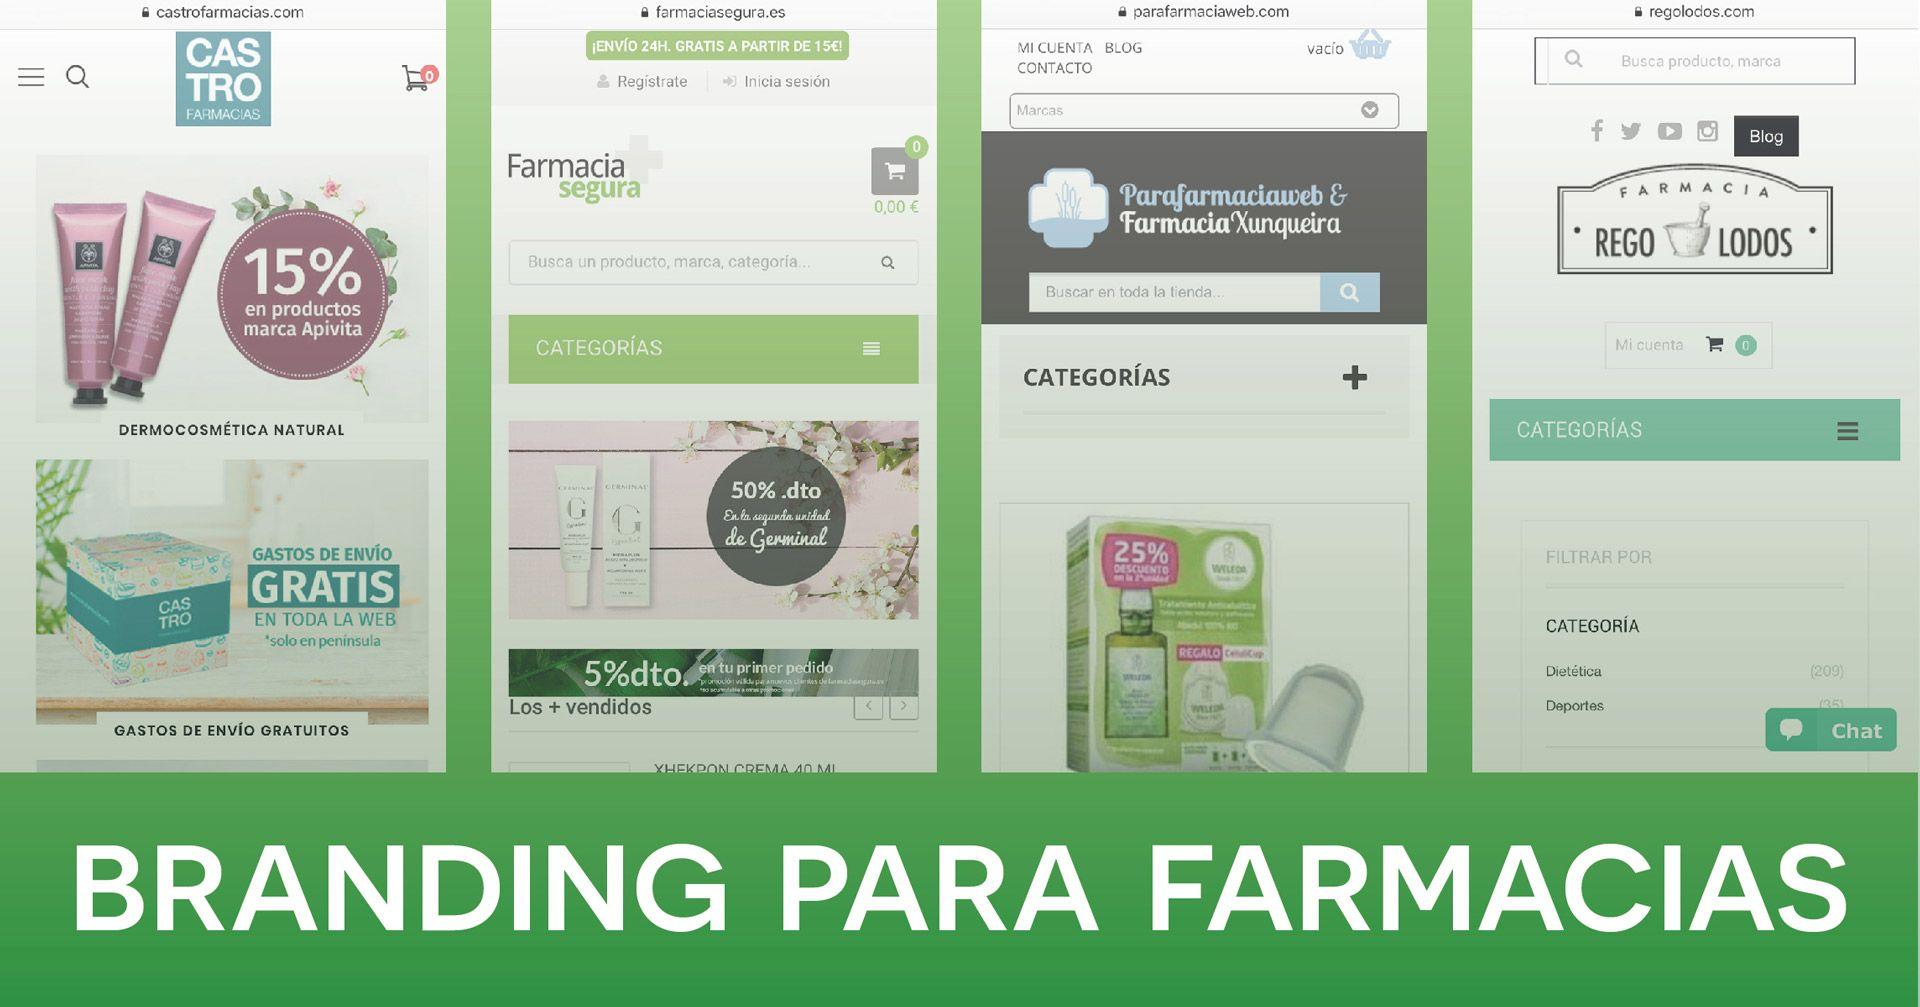 Branding para farmacias